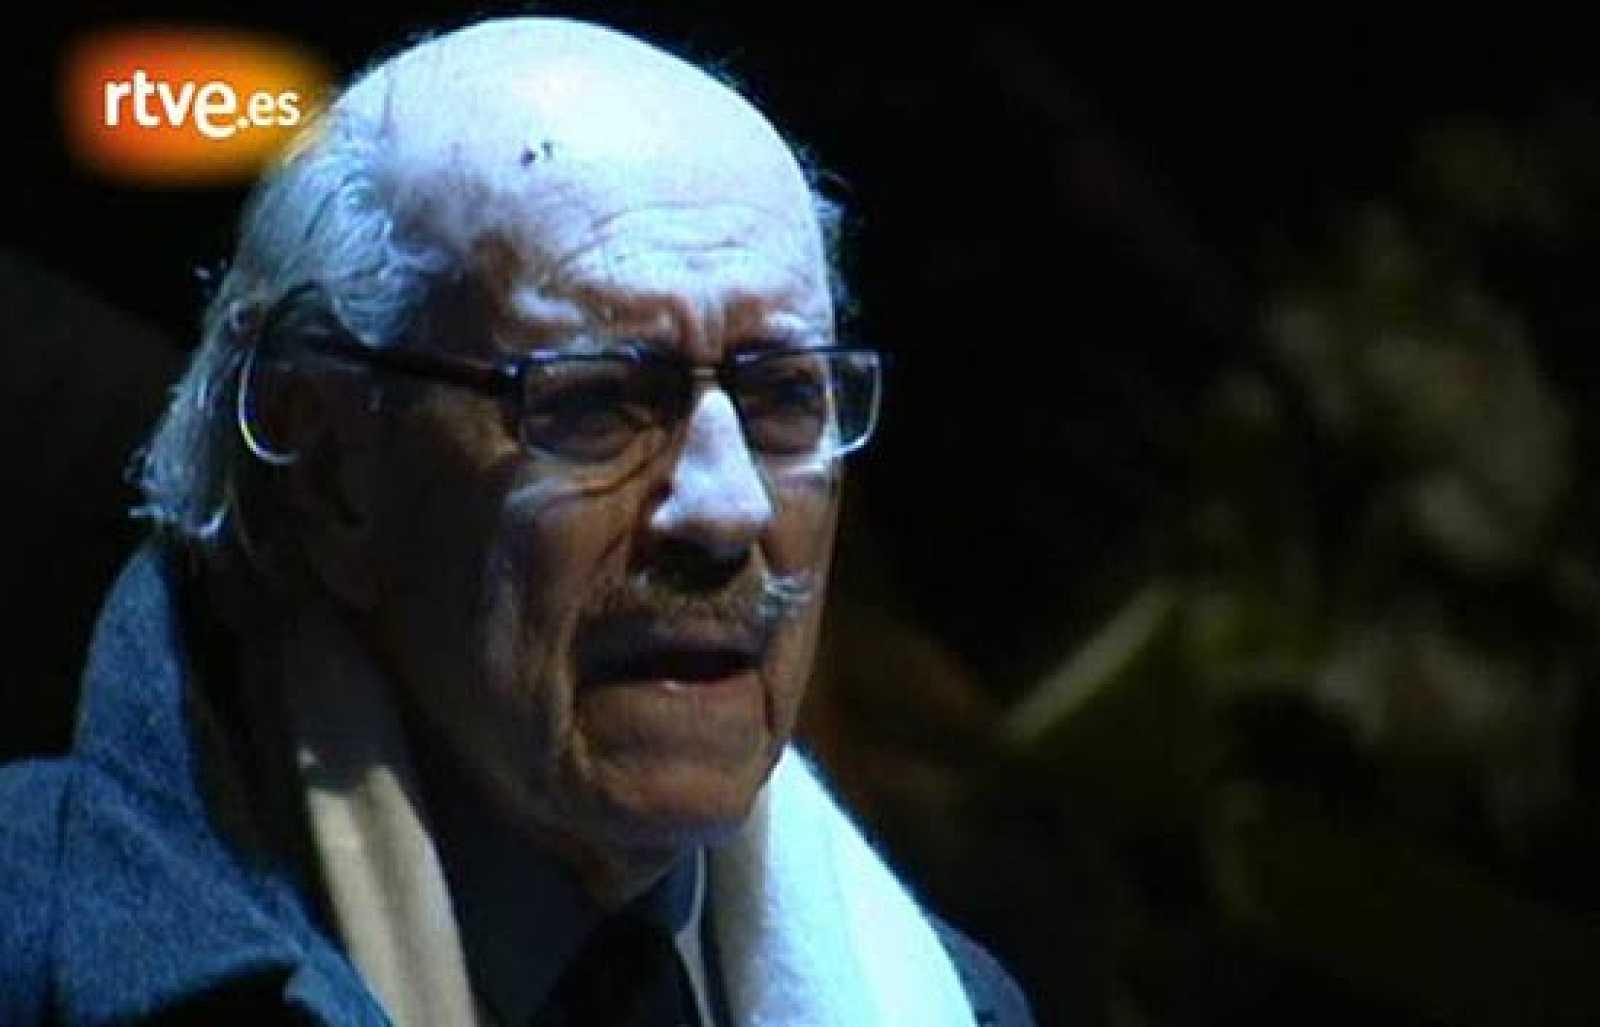 La última imagen que pudivos ver de José Luis López Vázquez fue precisamente en la capilla ardiente de otro de los grandes actores del cine español, Fernando Fernán Gómez.